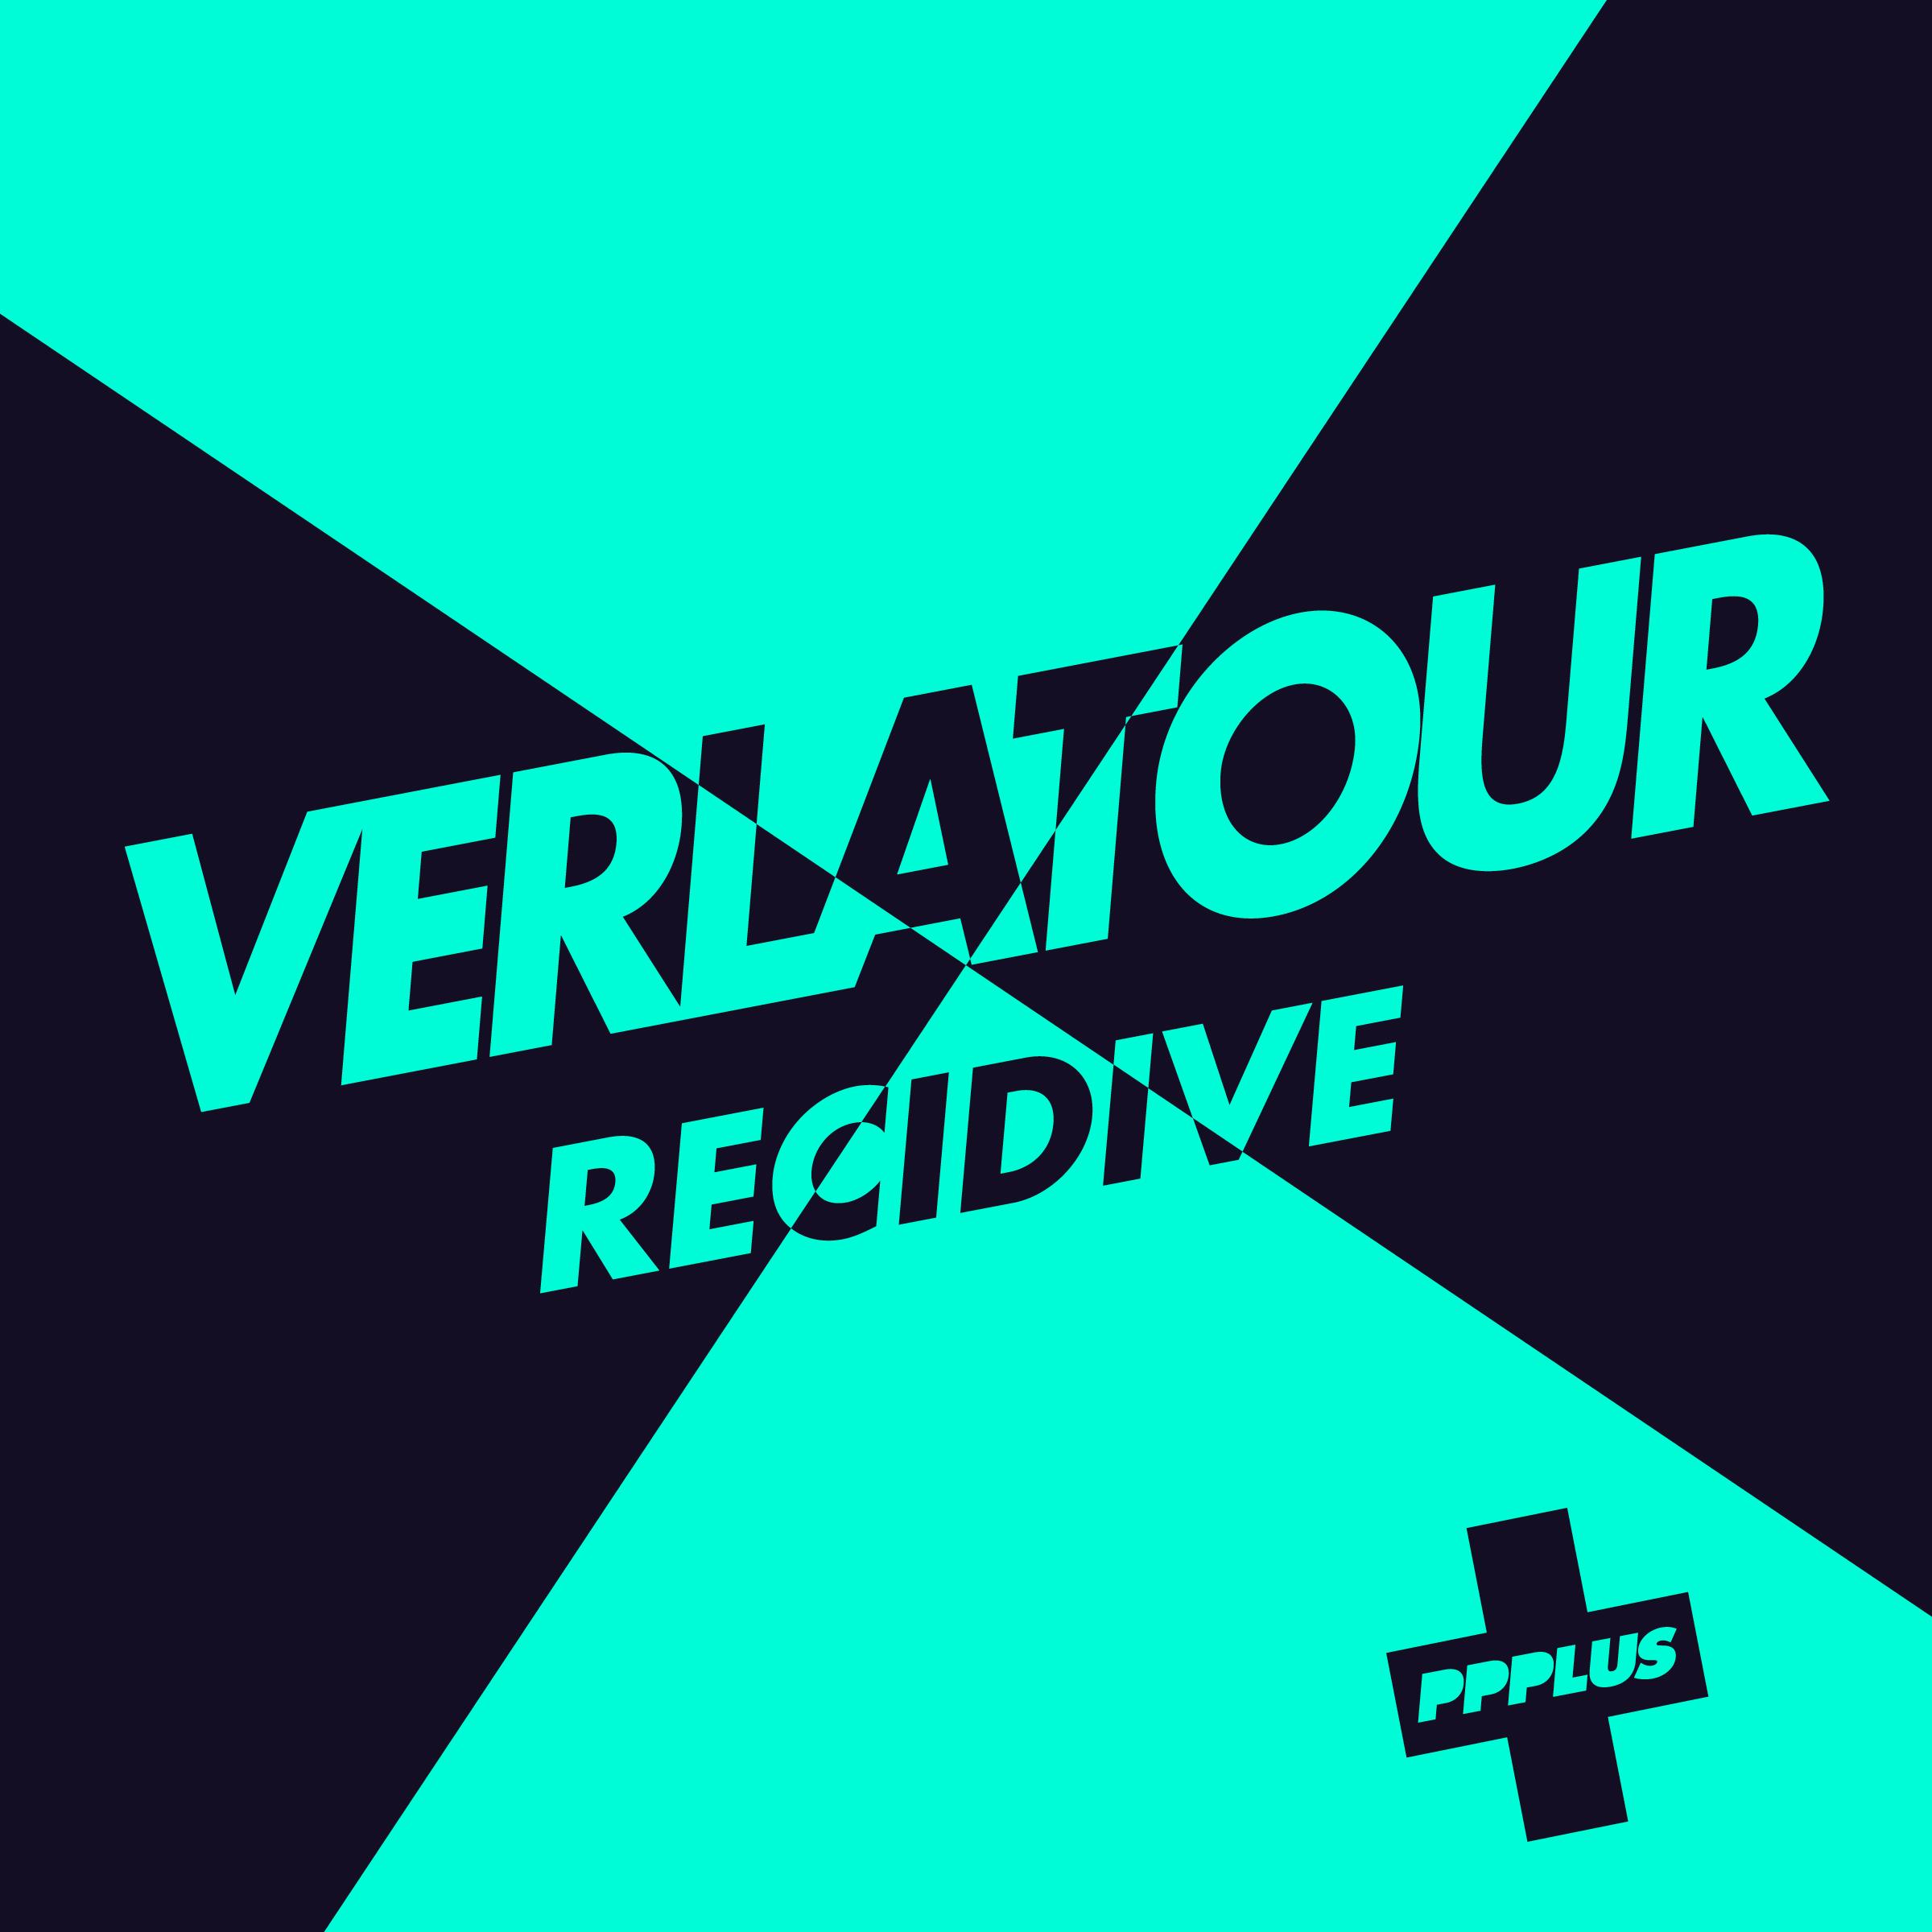 verlatour_recidive_ppplus